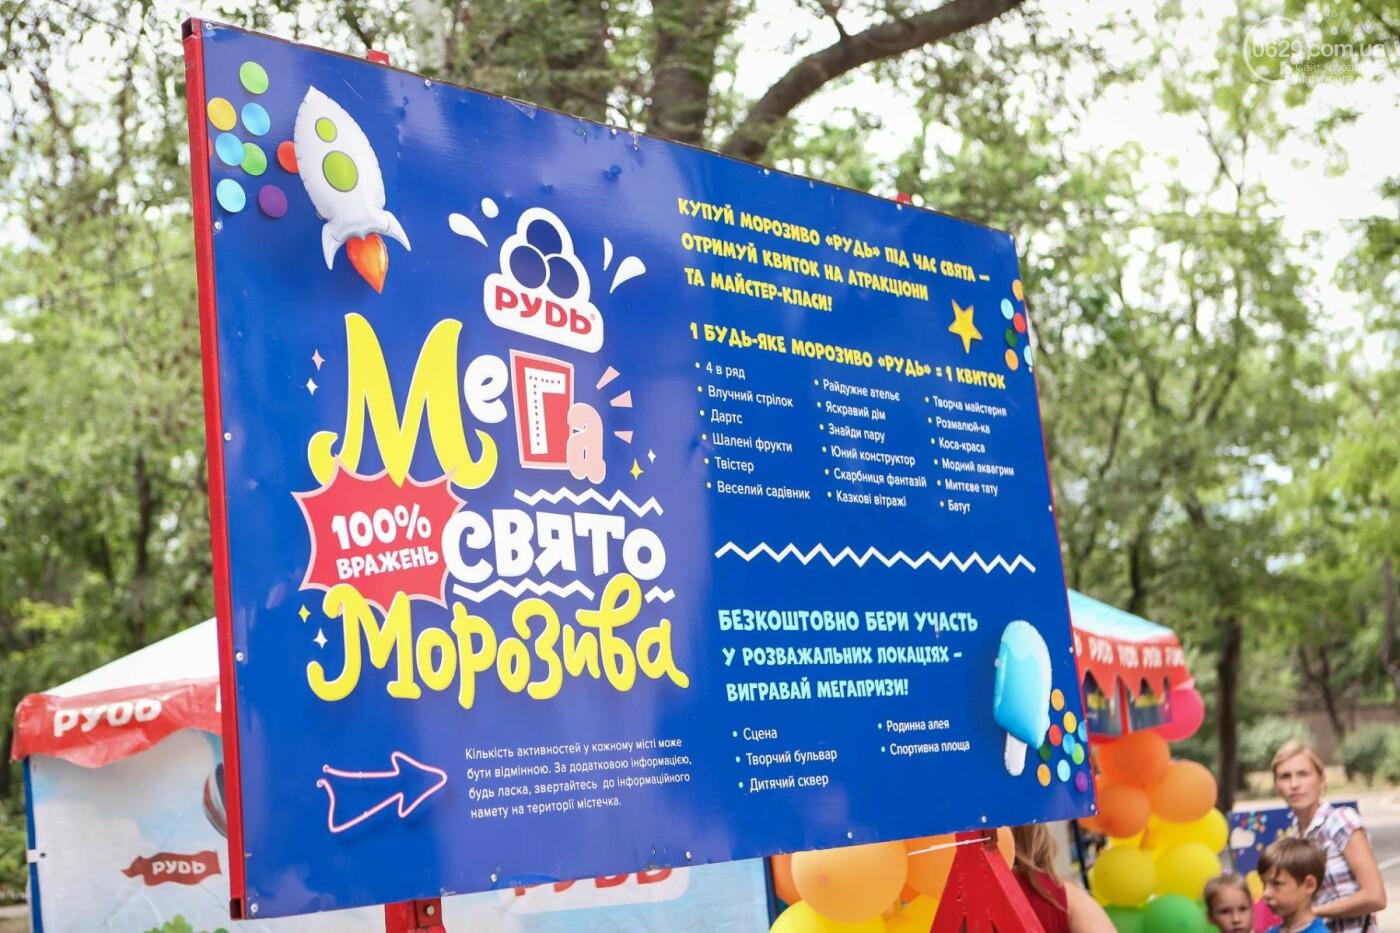 Мариупольцы получили 100% ярких впечатлений на Празднике Мороженого от компании «РУДЬ», фото-25